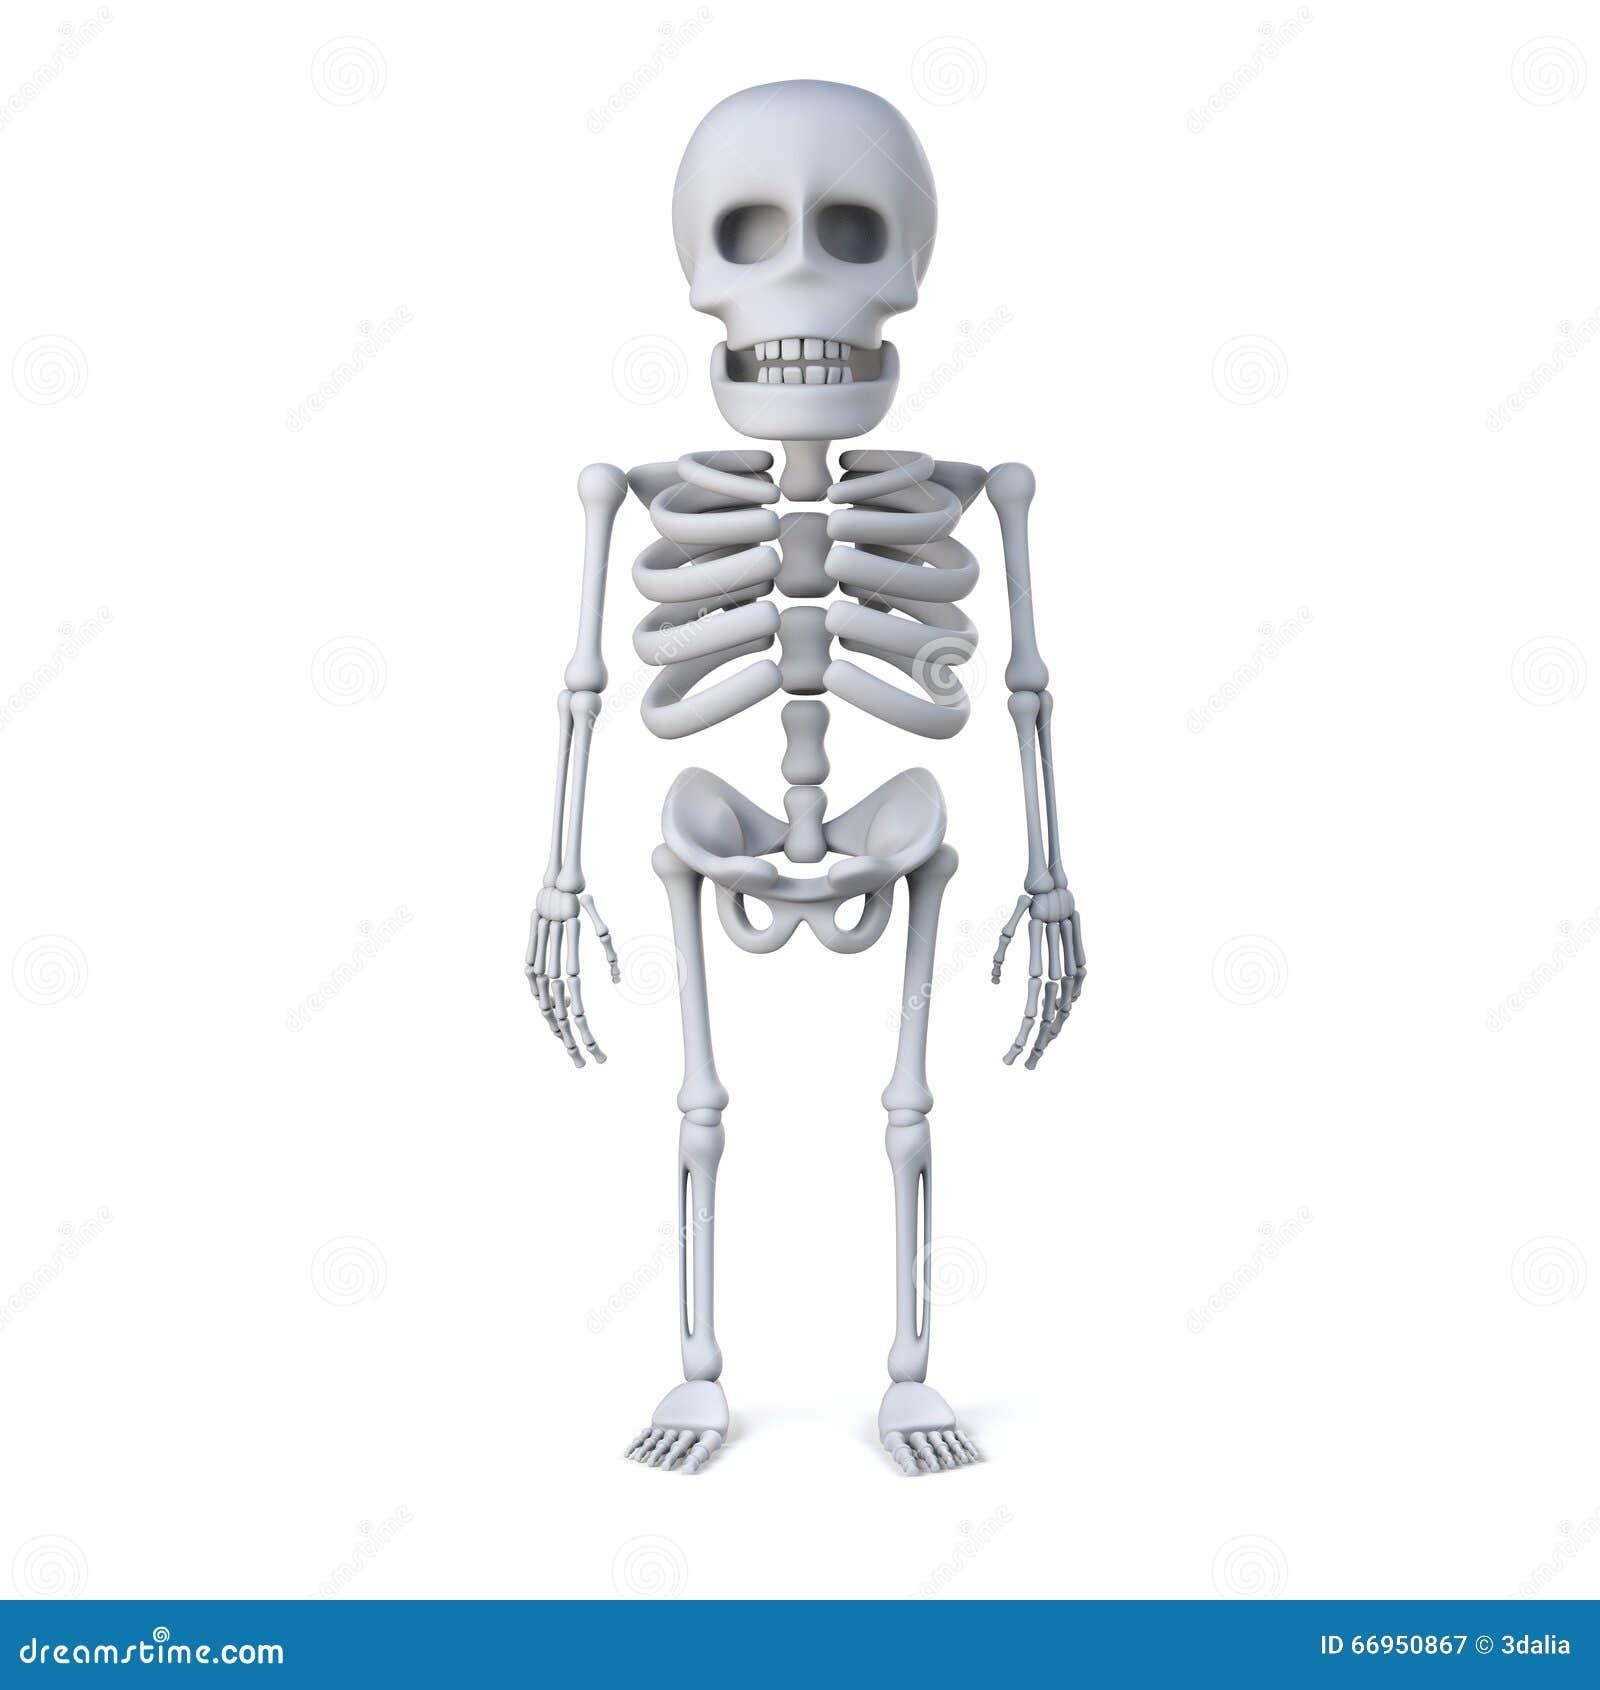 3d Skeleton Stands At Ease Stock Illustration - Image: 66950867